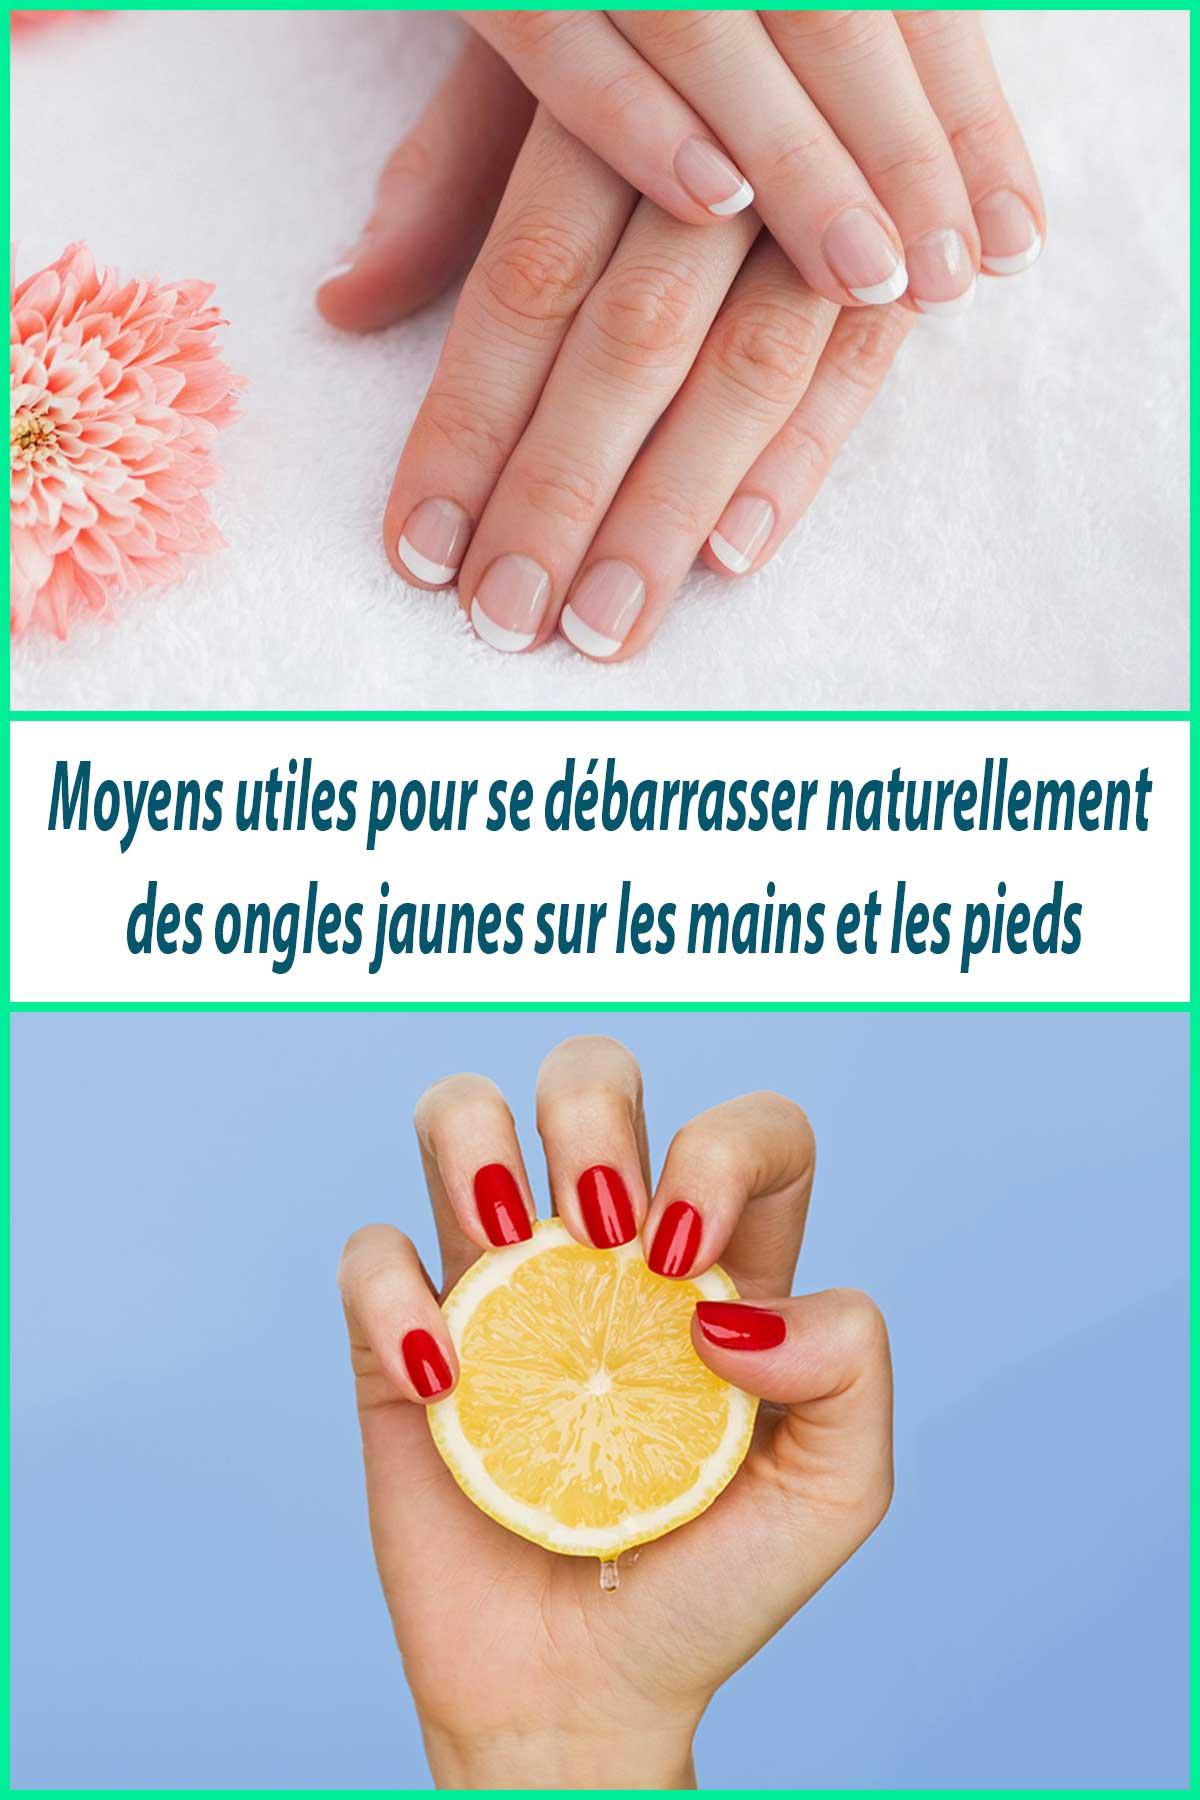 Moyens utiles pour se débarrasser naturellement des ongles jaunes sur les mains et les pieds